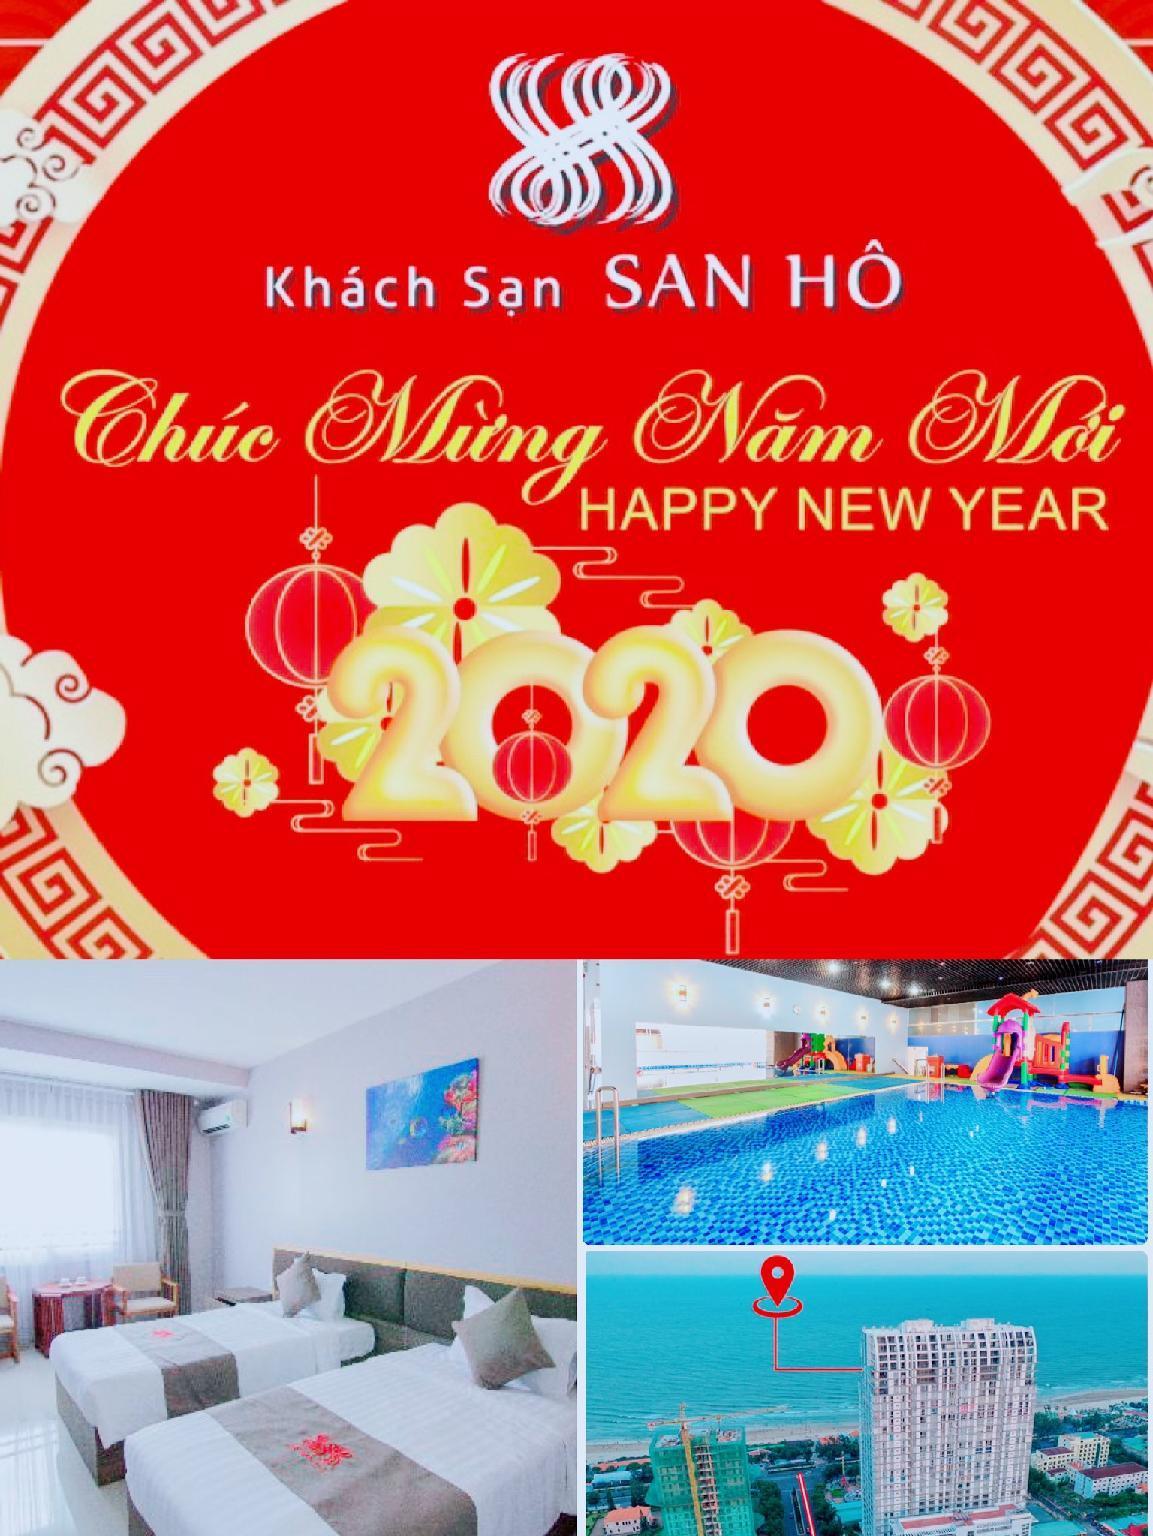 Coral Hotel Vung Tau